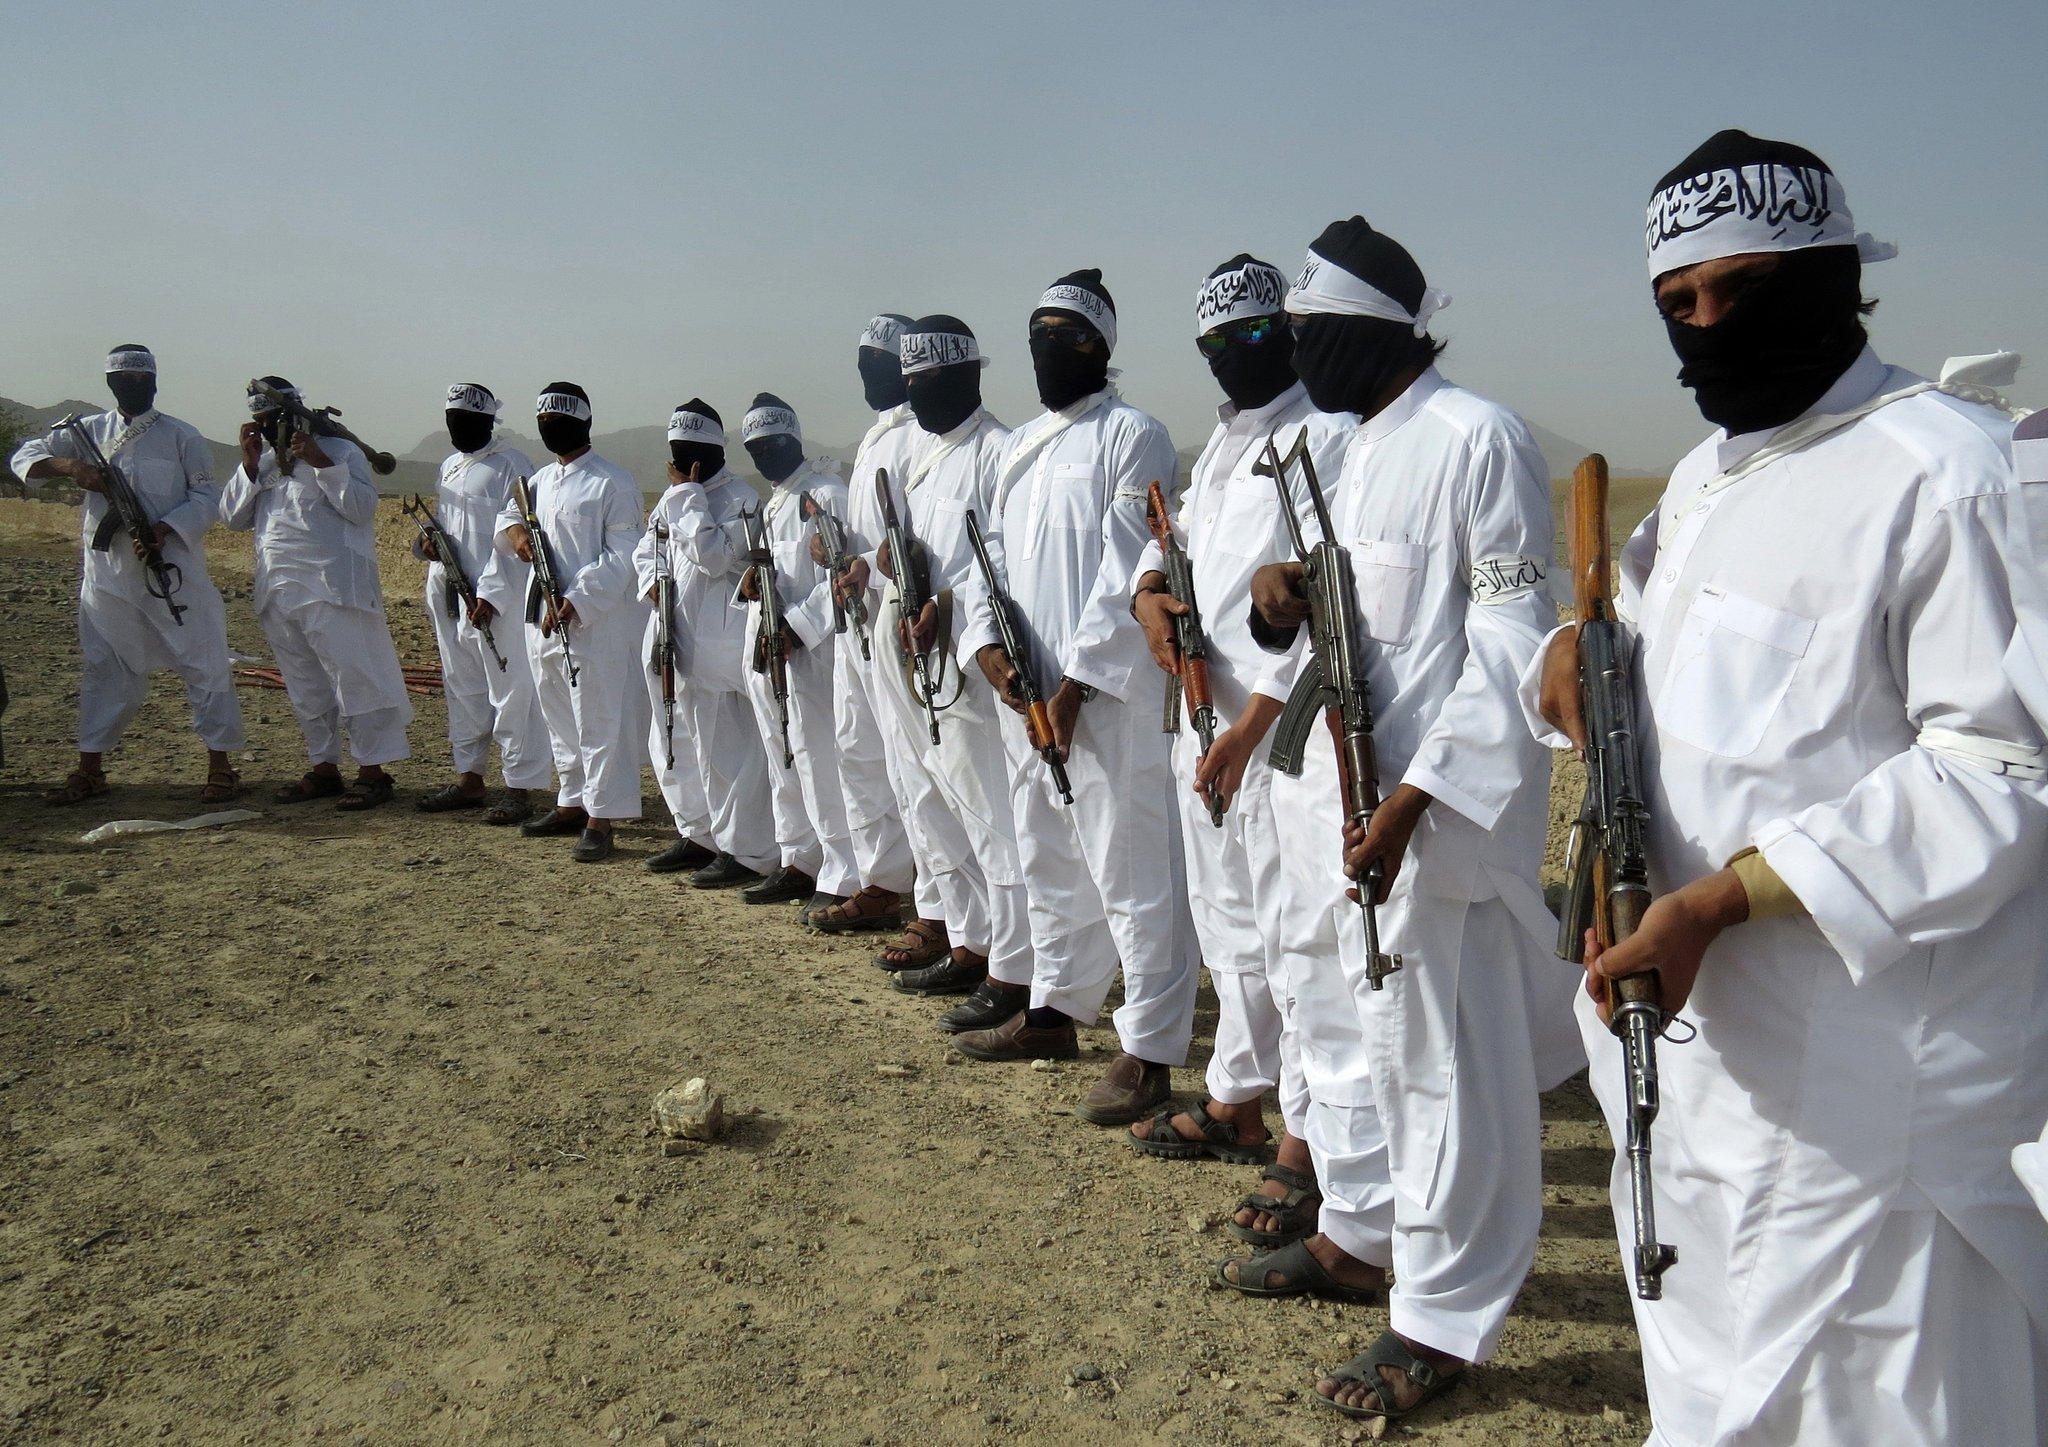 Taliban'dan Kudüs açıklaması: Müslümanlara karşı açık bir düşmanlık